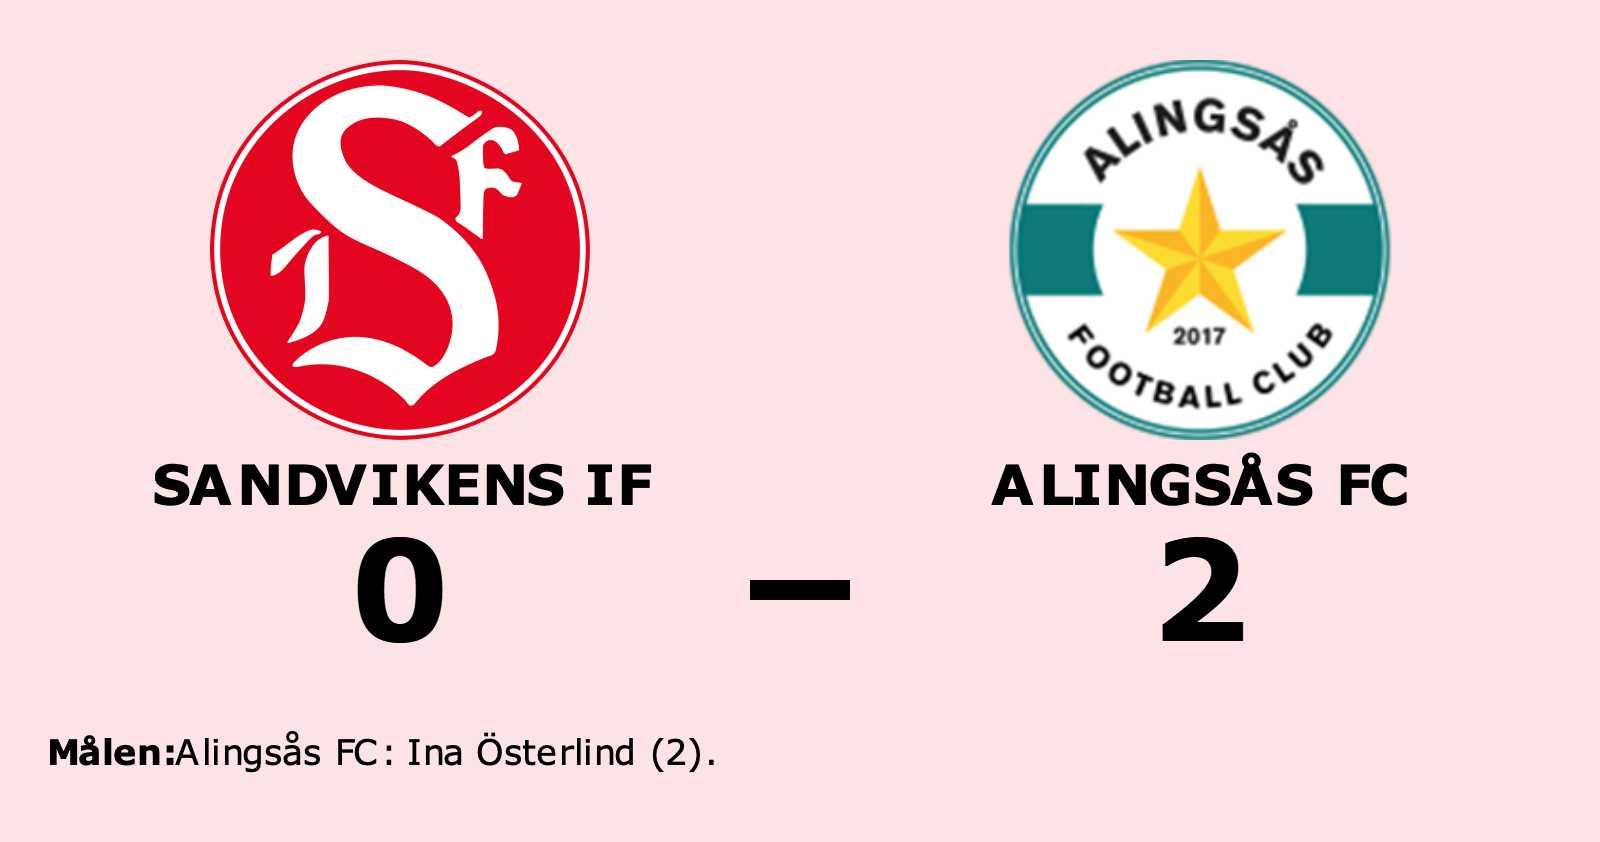 Alingsås FC äntligen segrare igen efter vinst mot Sandvikens